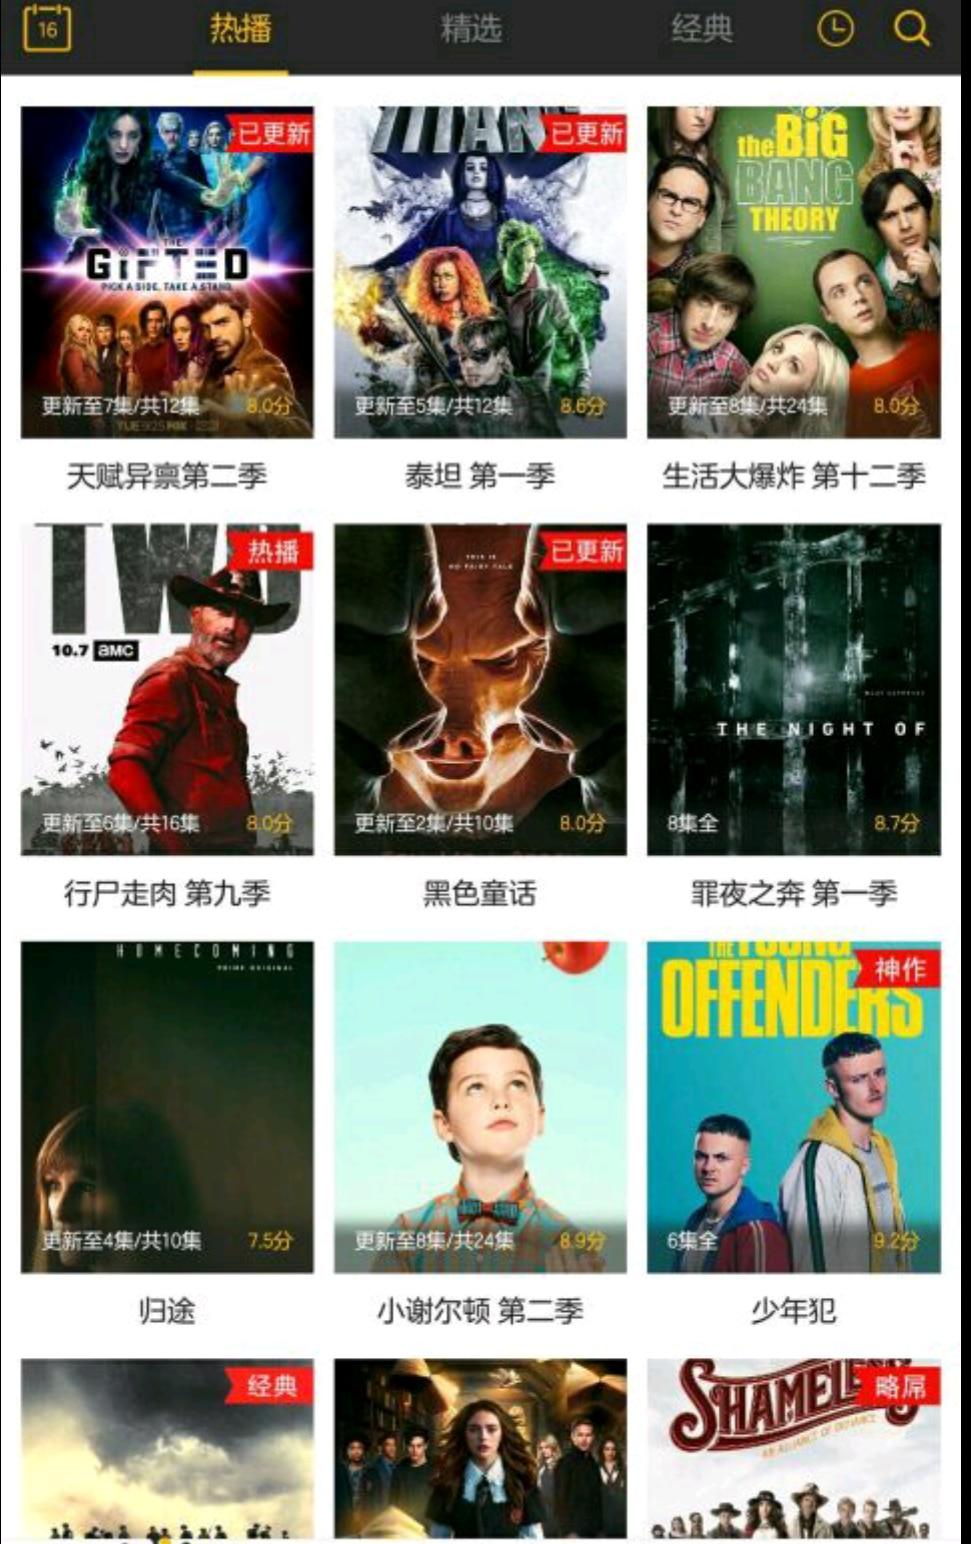 美剧鸟v5.4.7最新去广告破解版本 在手机上看美剧